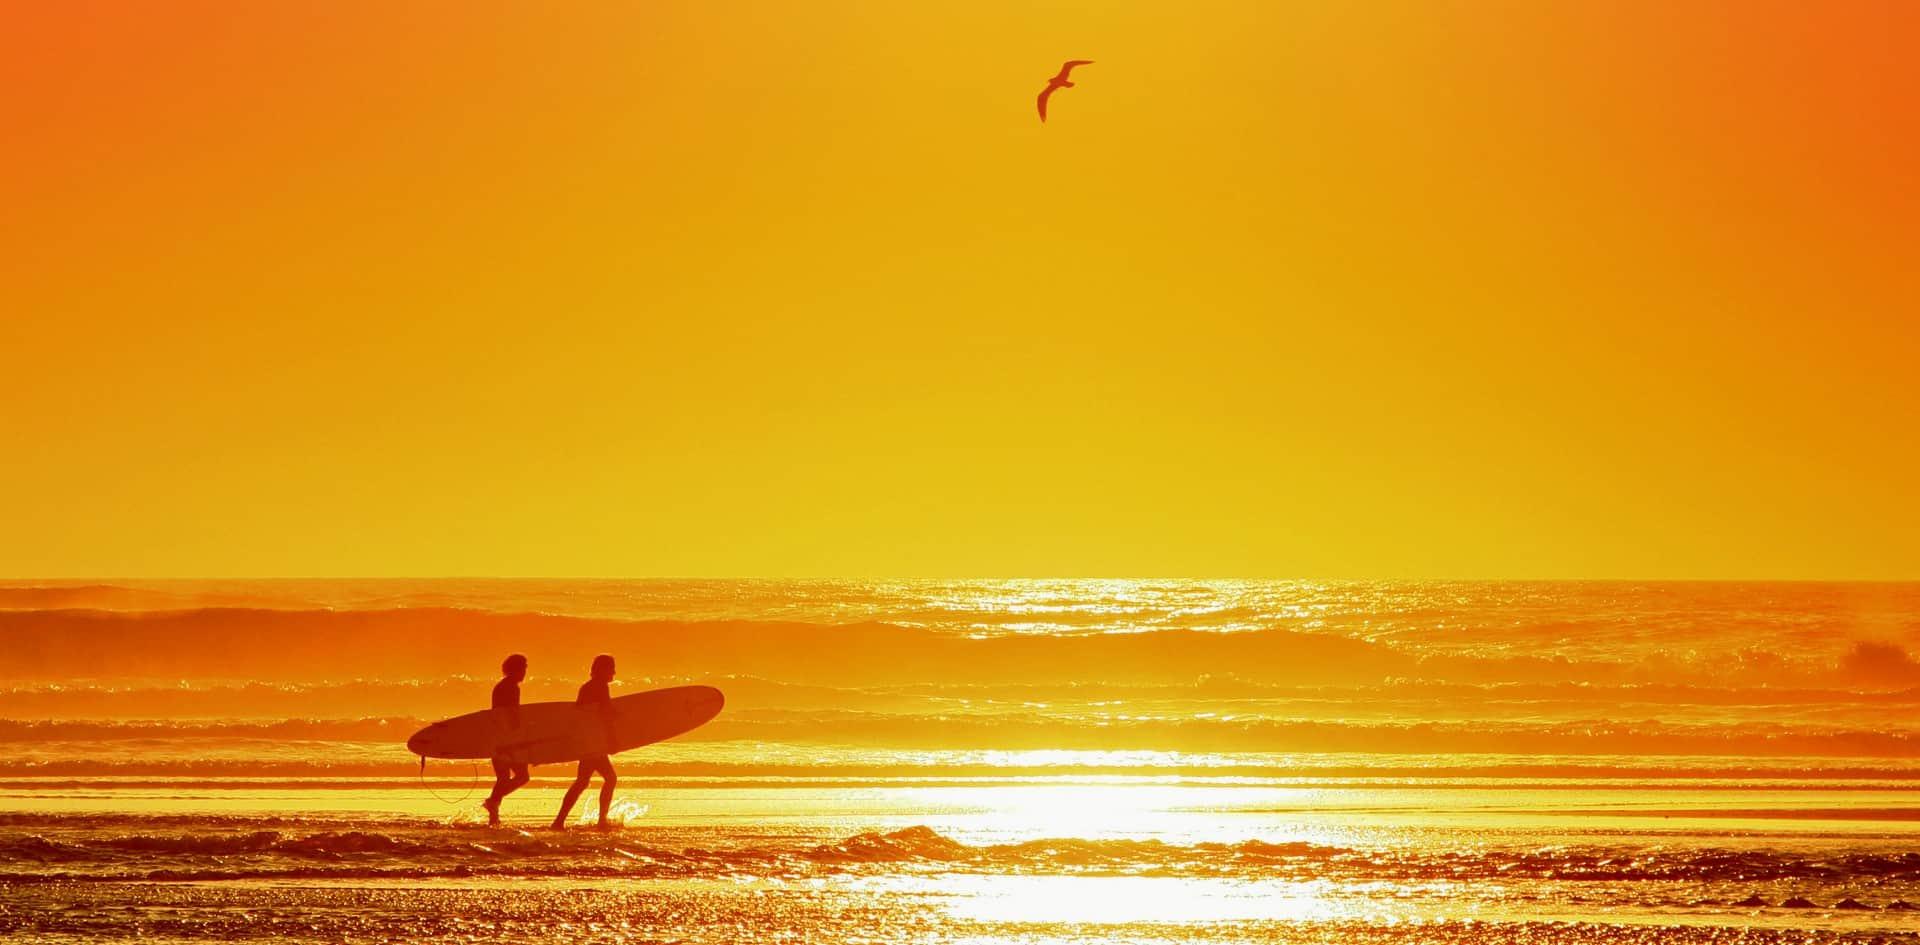 40 - 162009-Surfer-Kleber